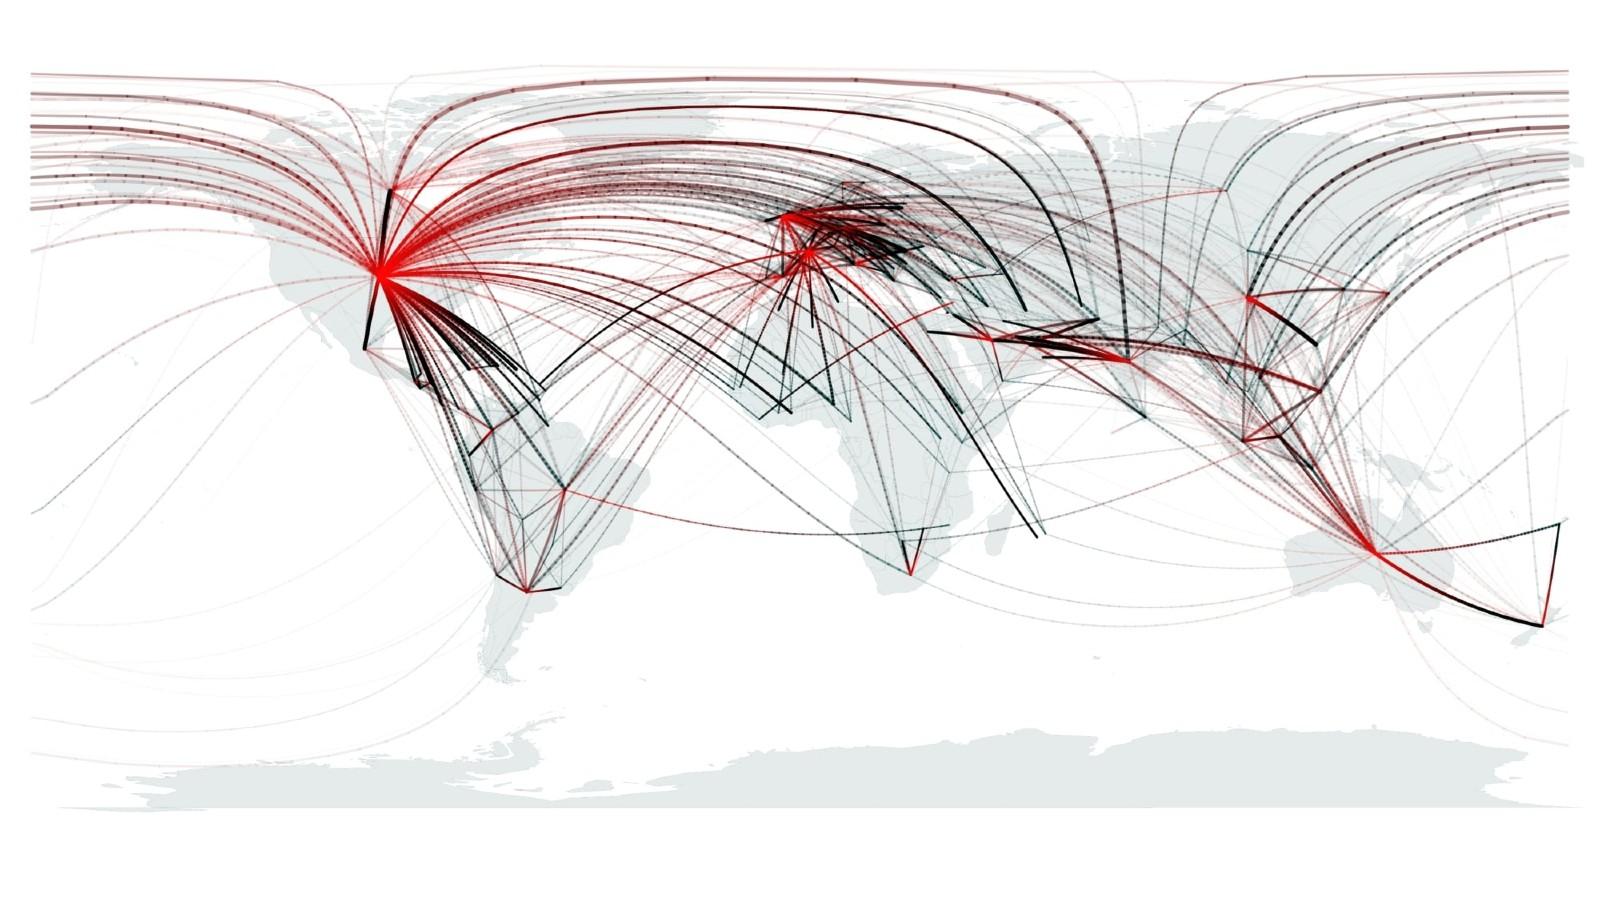 Paisaje-Ciudad: ¿Cómo afecta la llegada de movimientos migratorios al paisaje citadino?